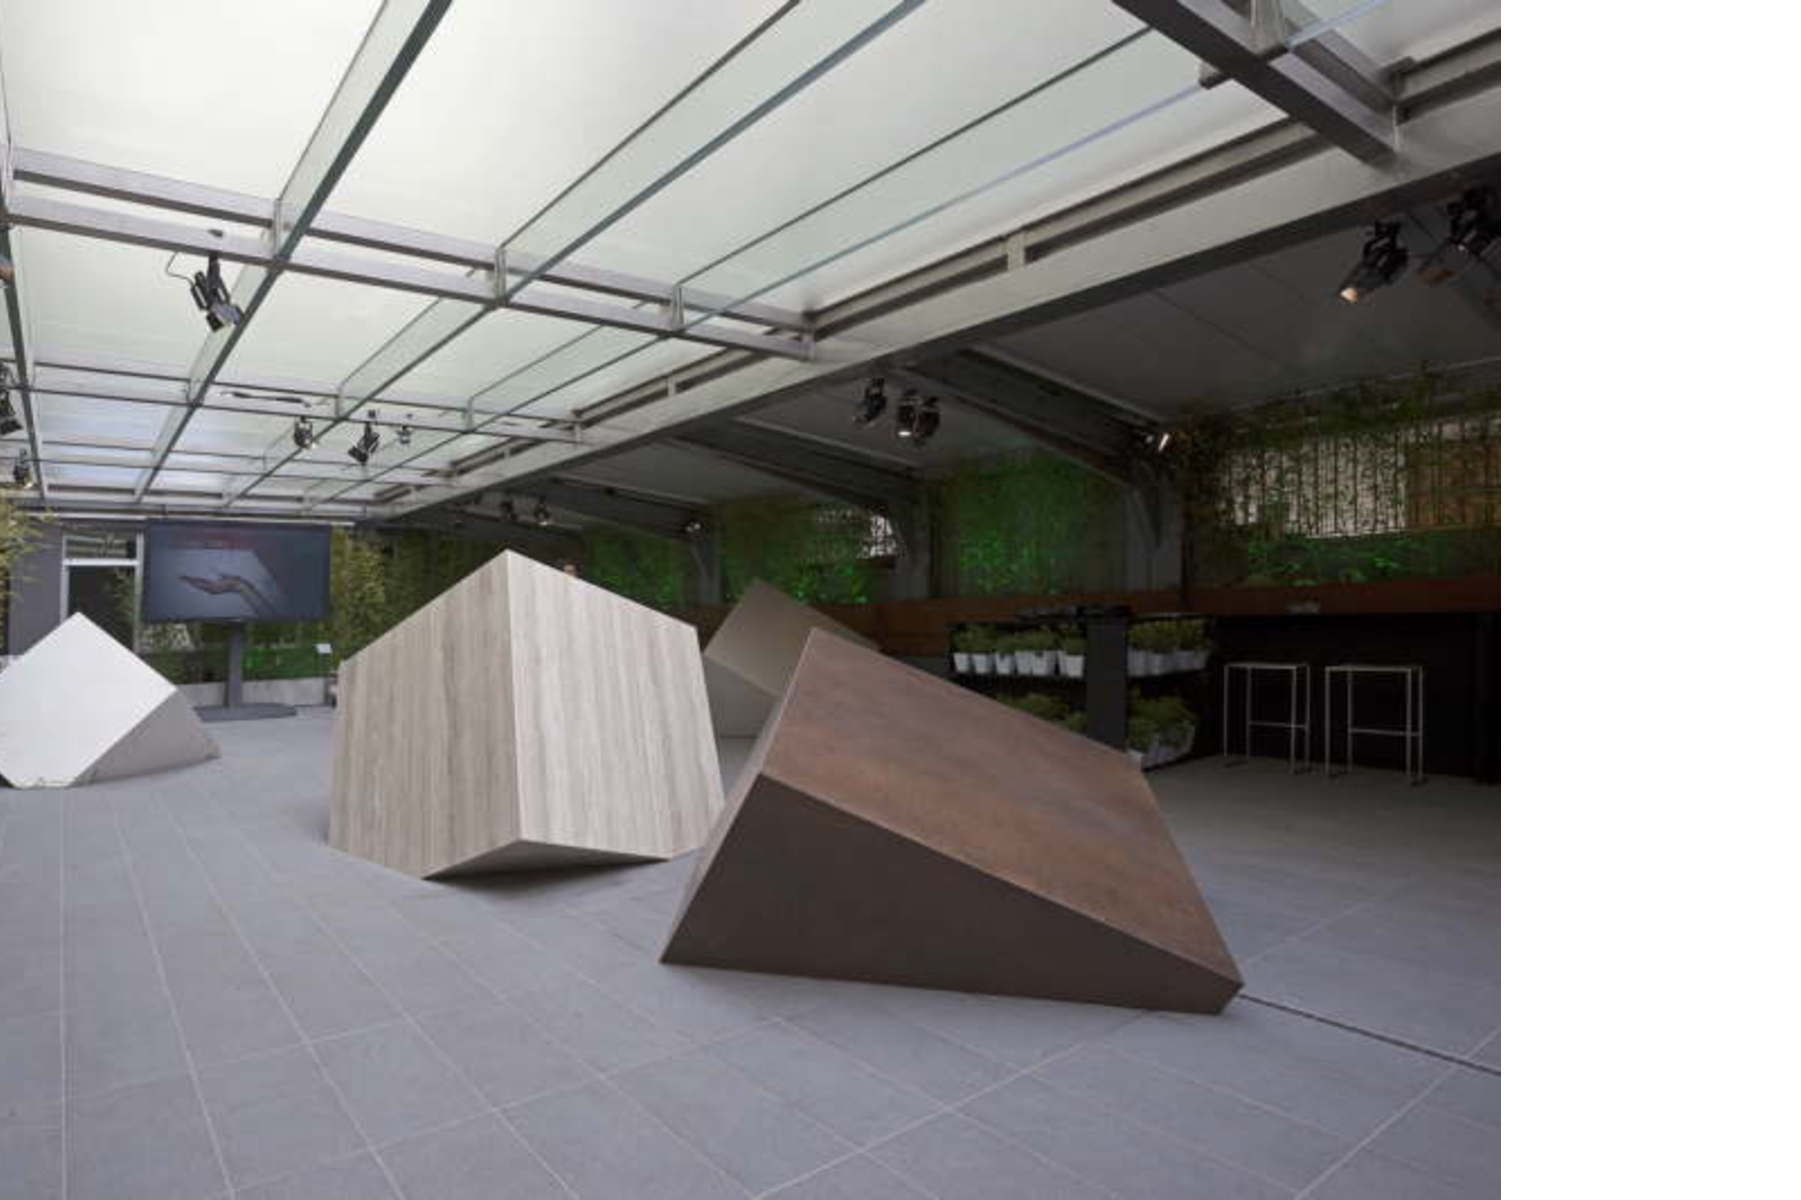 Fab architectural bureau mailand ein neuer kreativer raum der